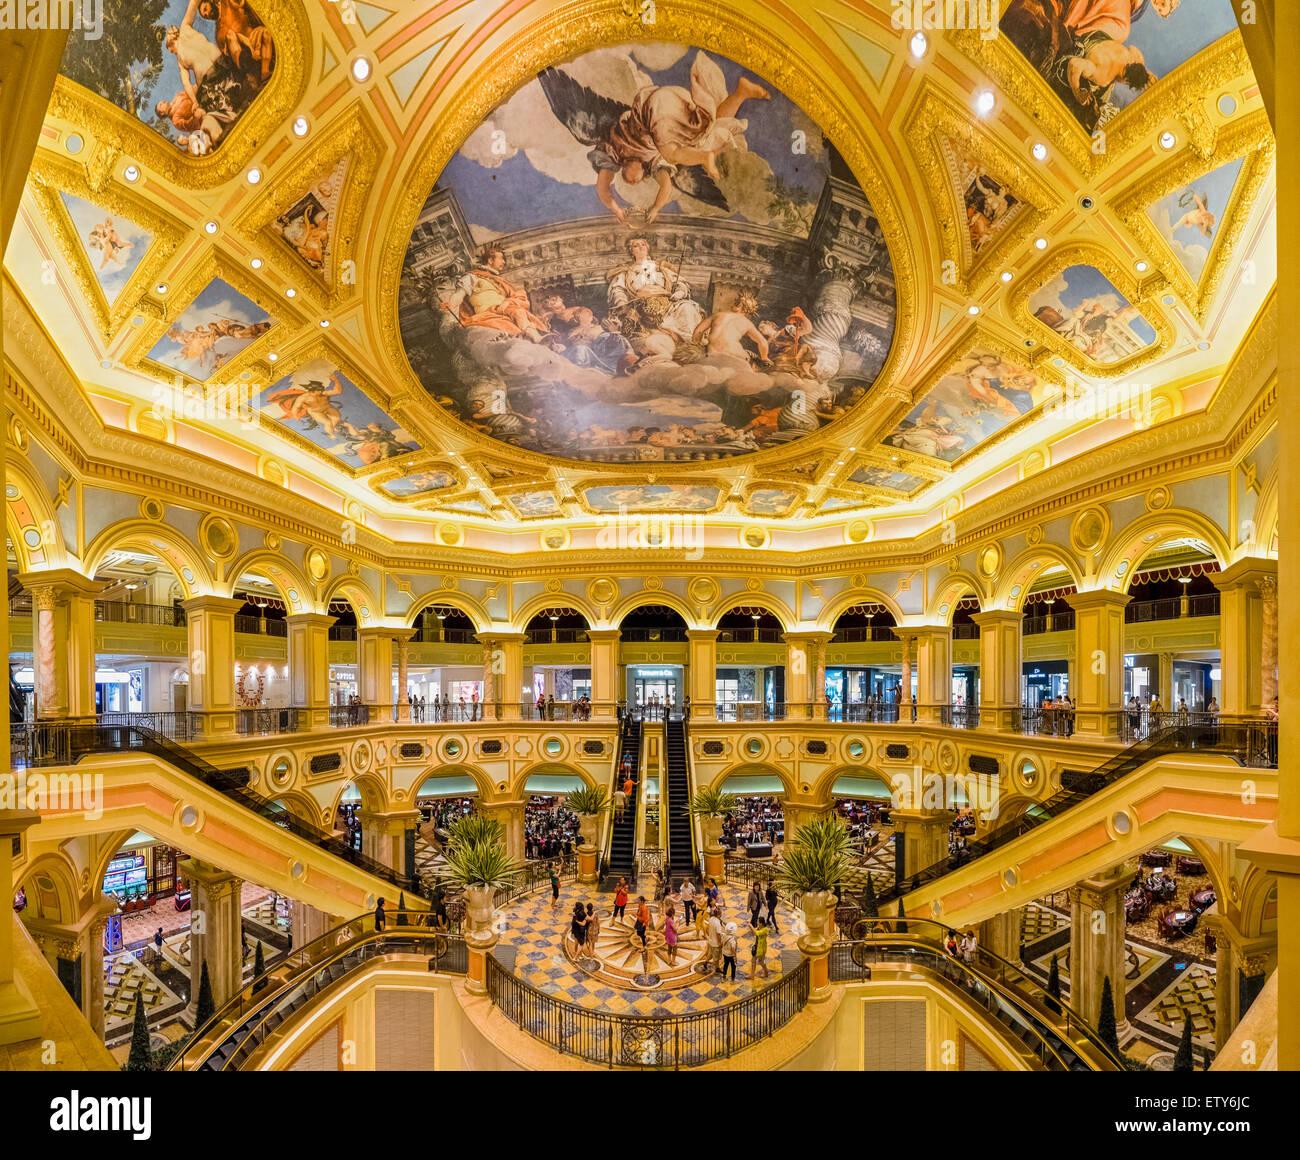 Adornos interiores del hotel y casino Venetian Macao en Macao, China Imagen De Stock